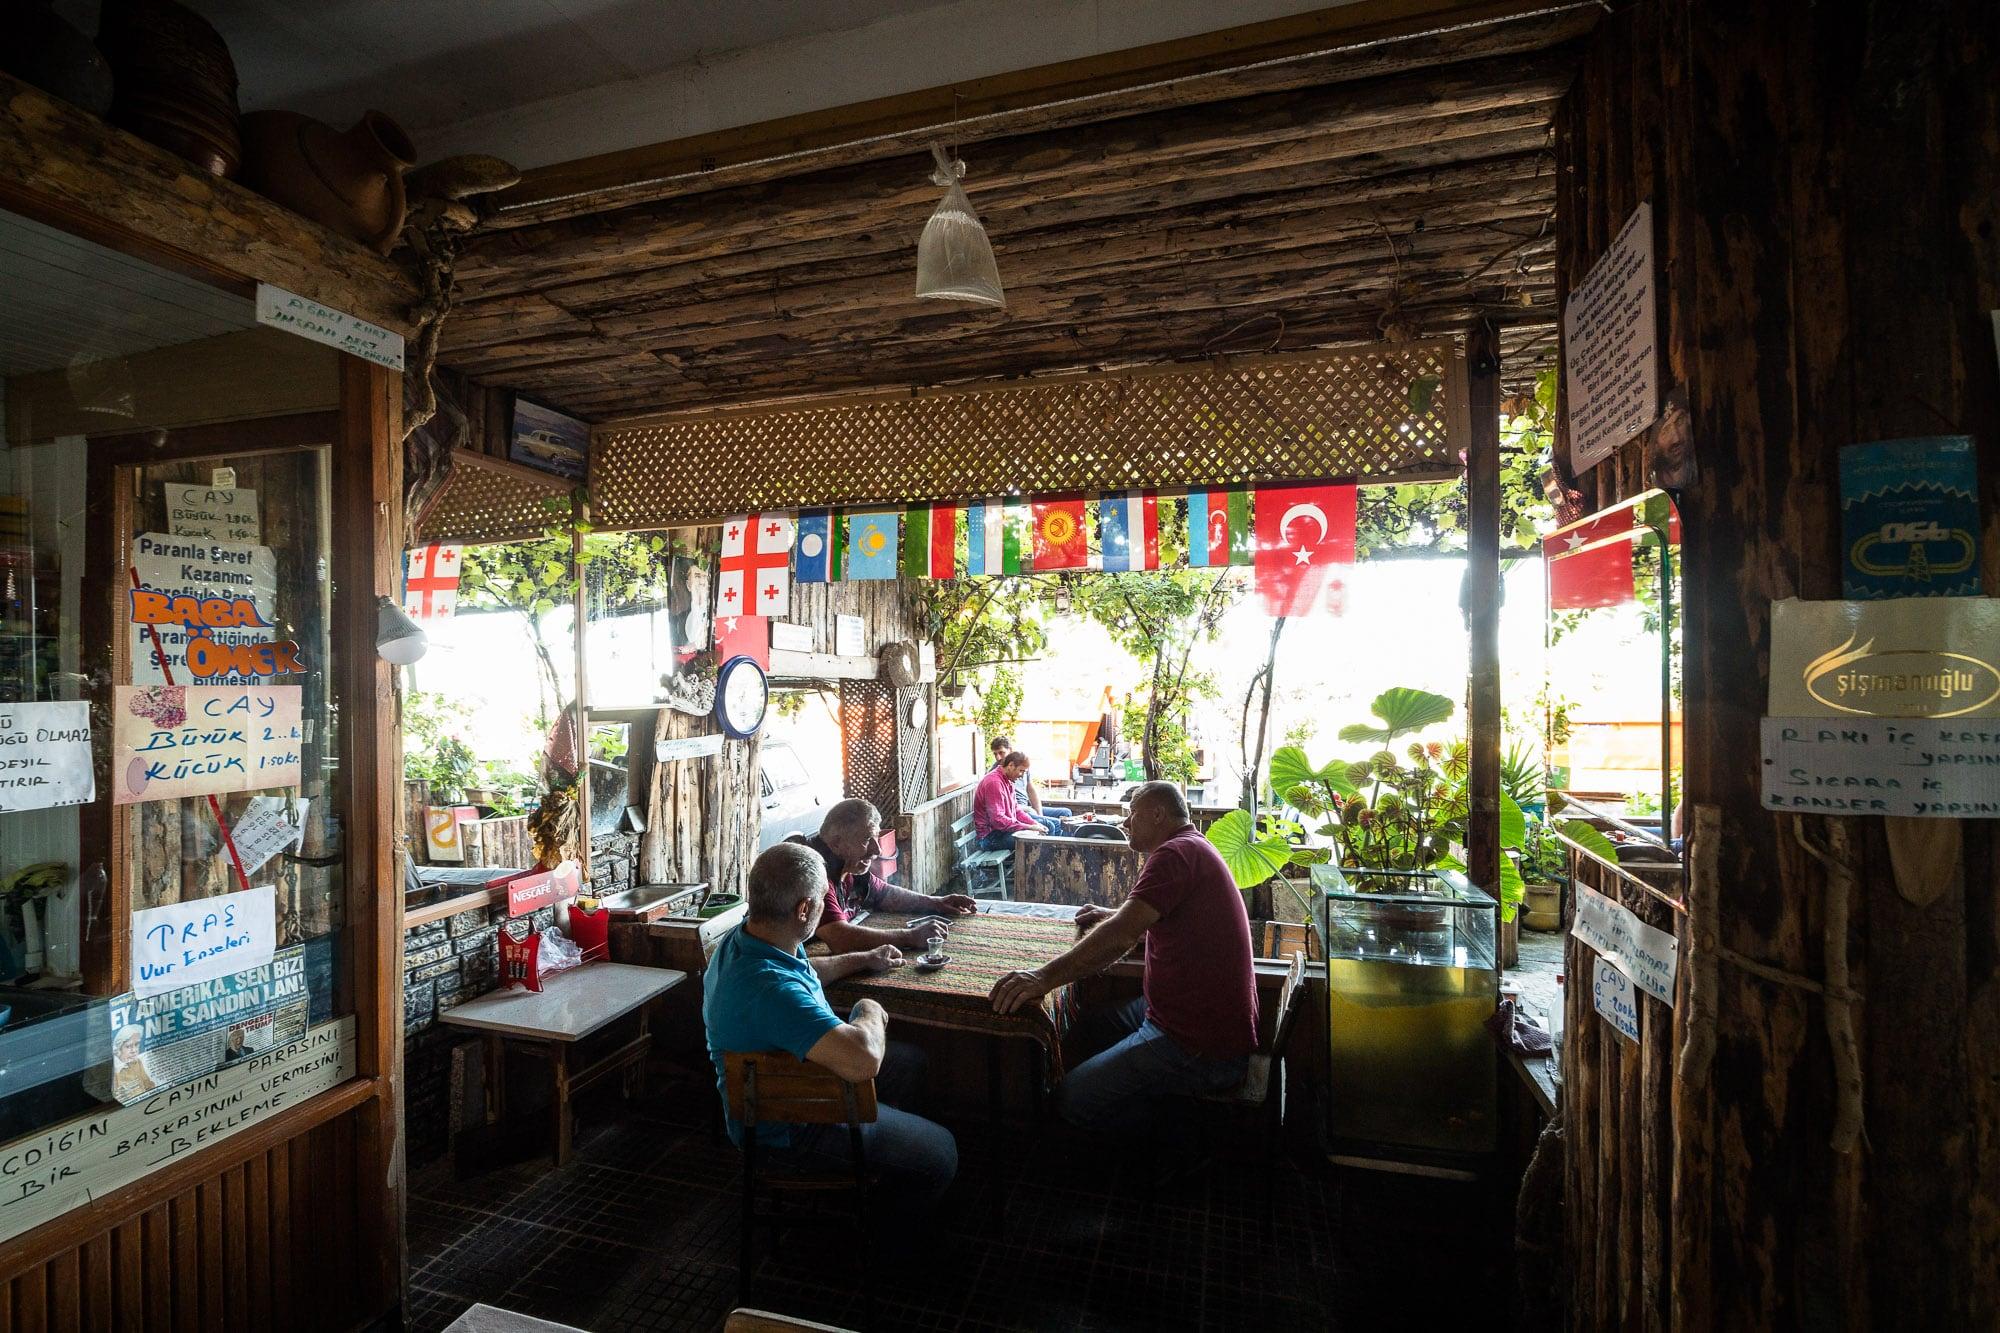 patrons at Aihan's teahouse